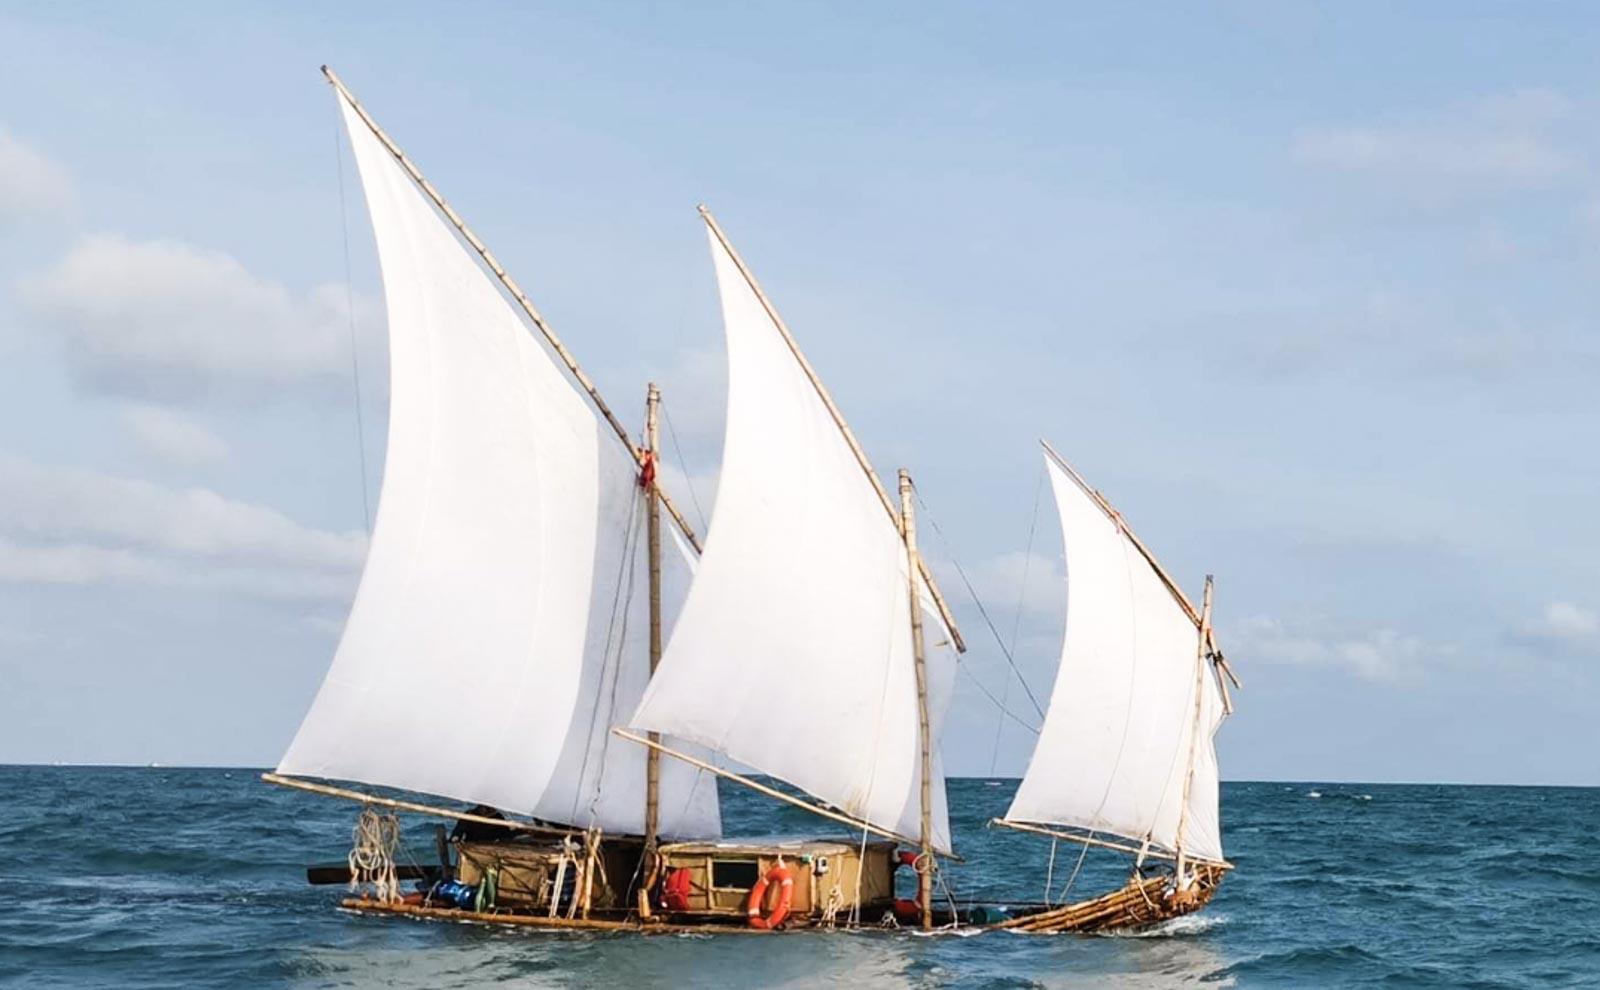 Ông Châu Văn Hùng: Có cộng đồng đủ mạnh, môn thuyền buồm sẽ đóng góp lớn cho du lịch biển 9